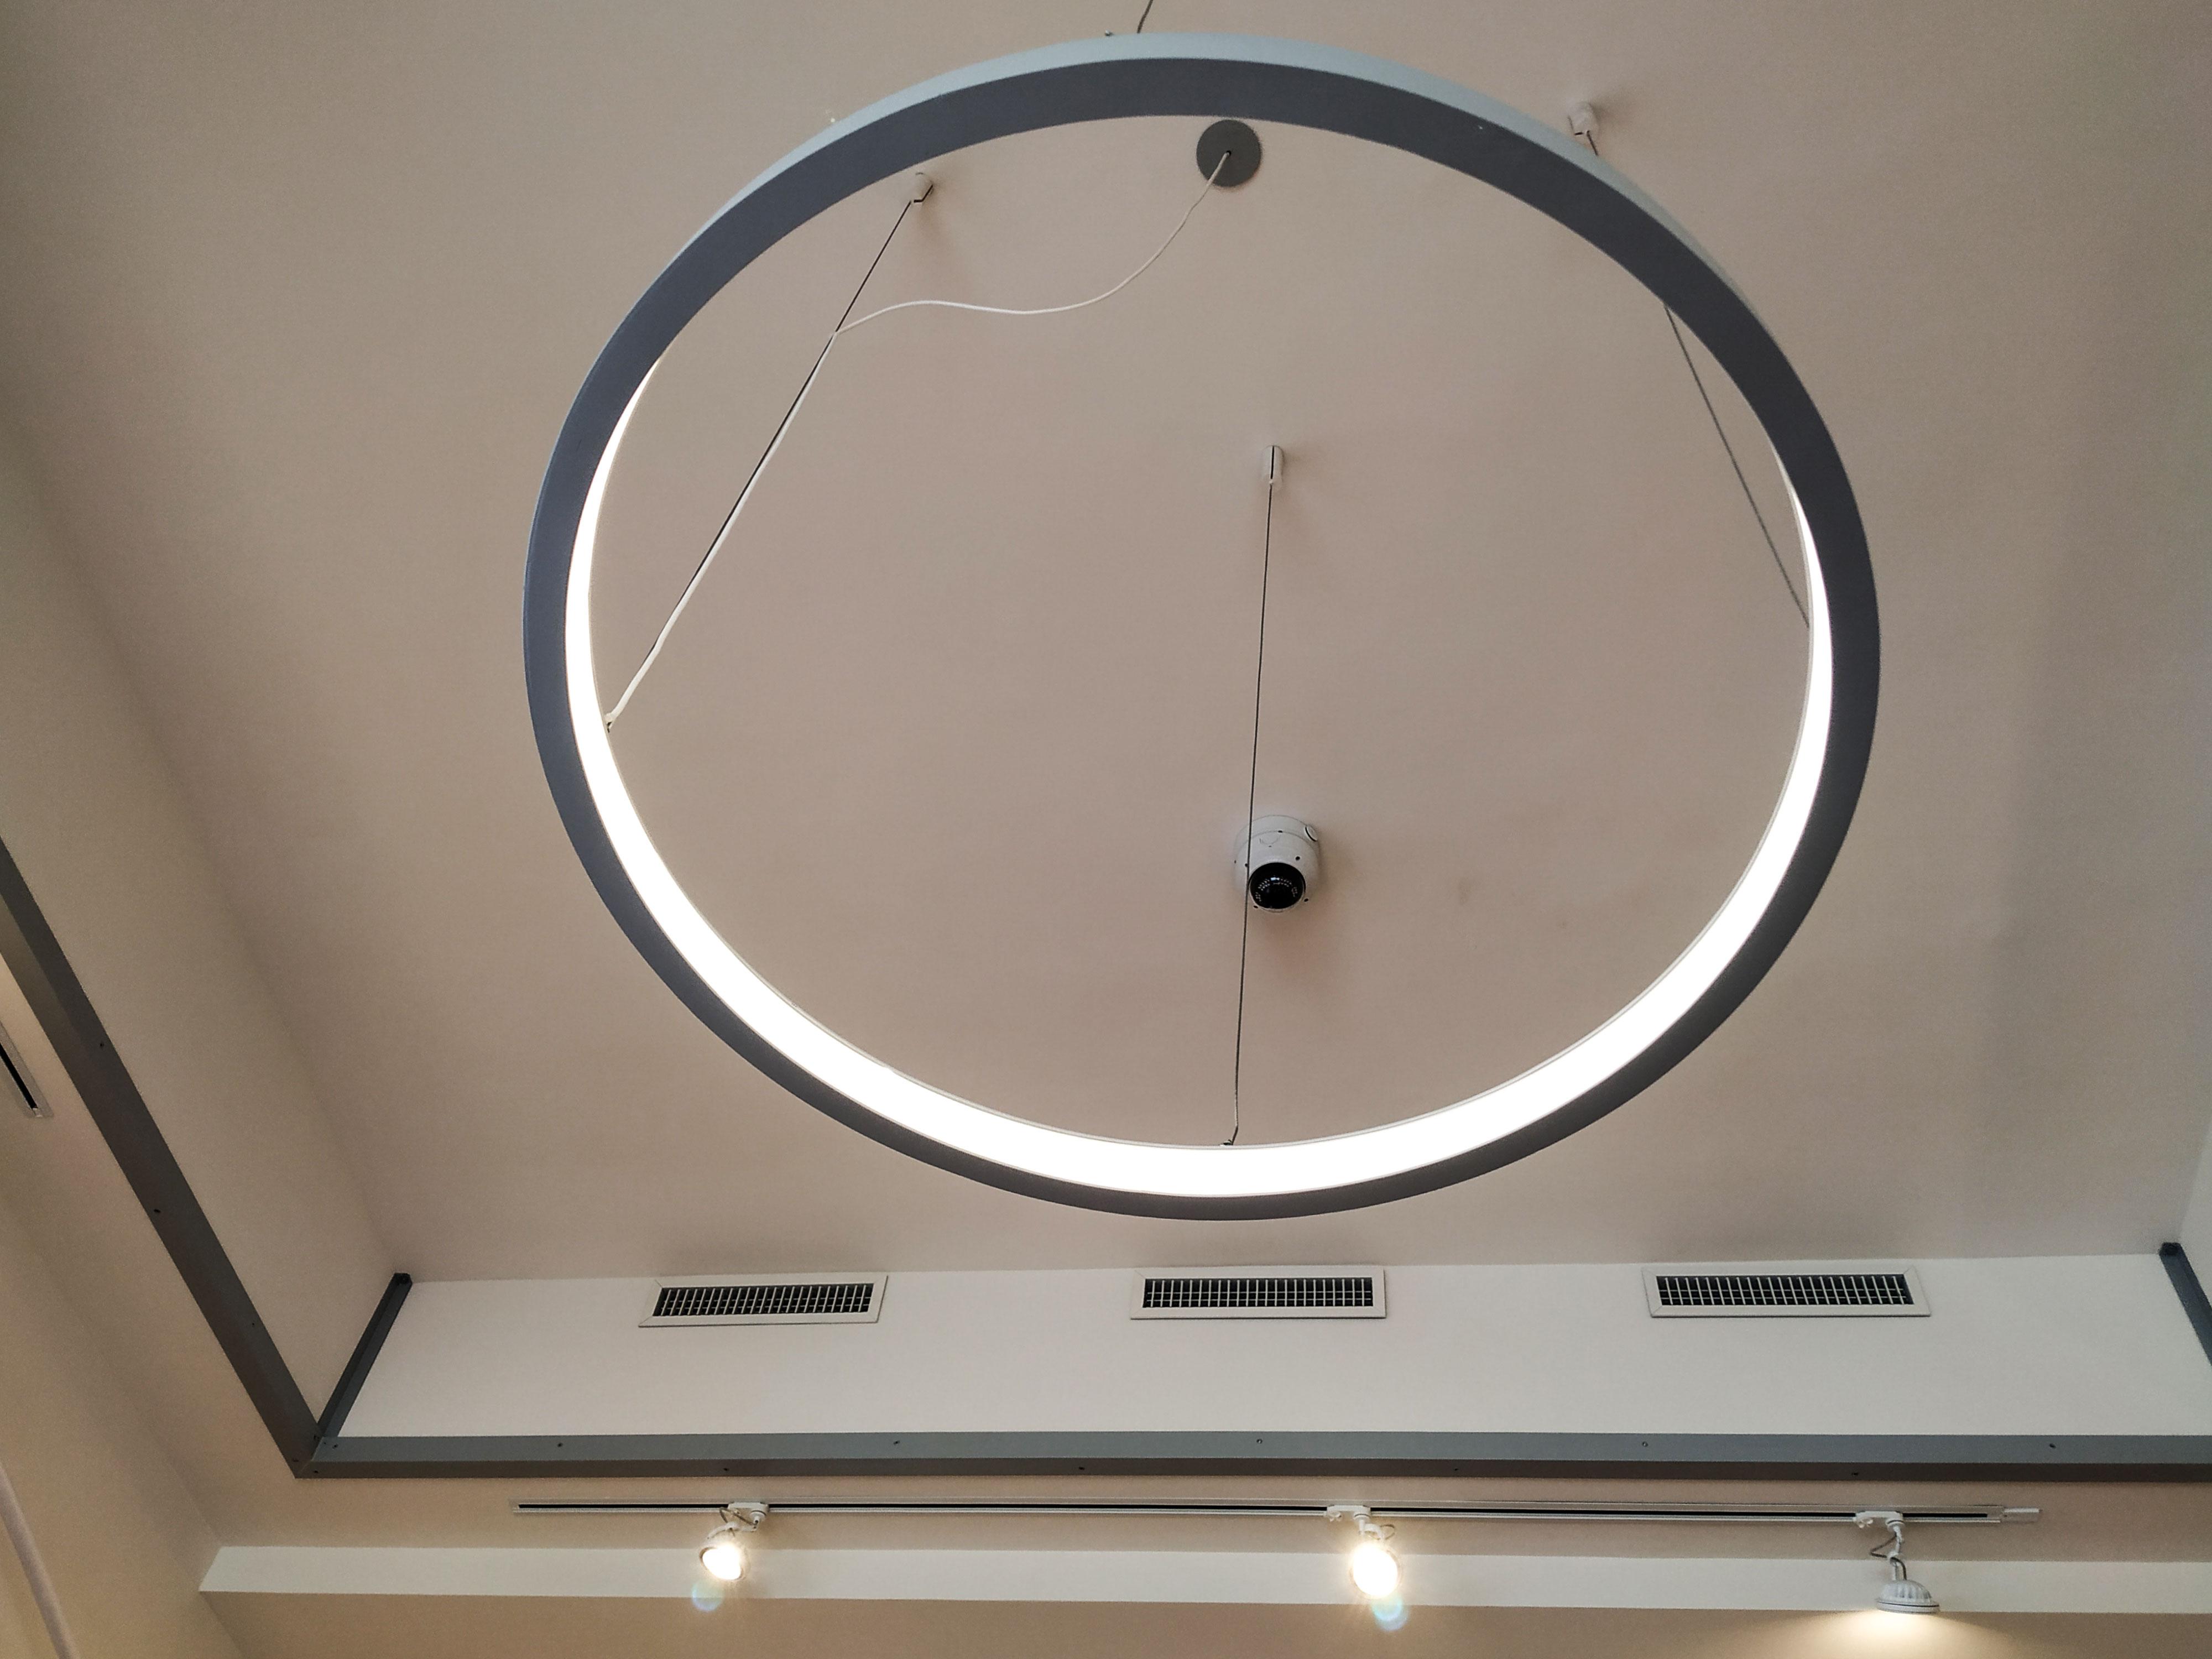 Babyshower-lavorazione-soffitto-in-cartongesso-dettaglio-luce-rotonda-a-led